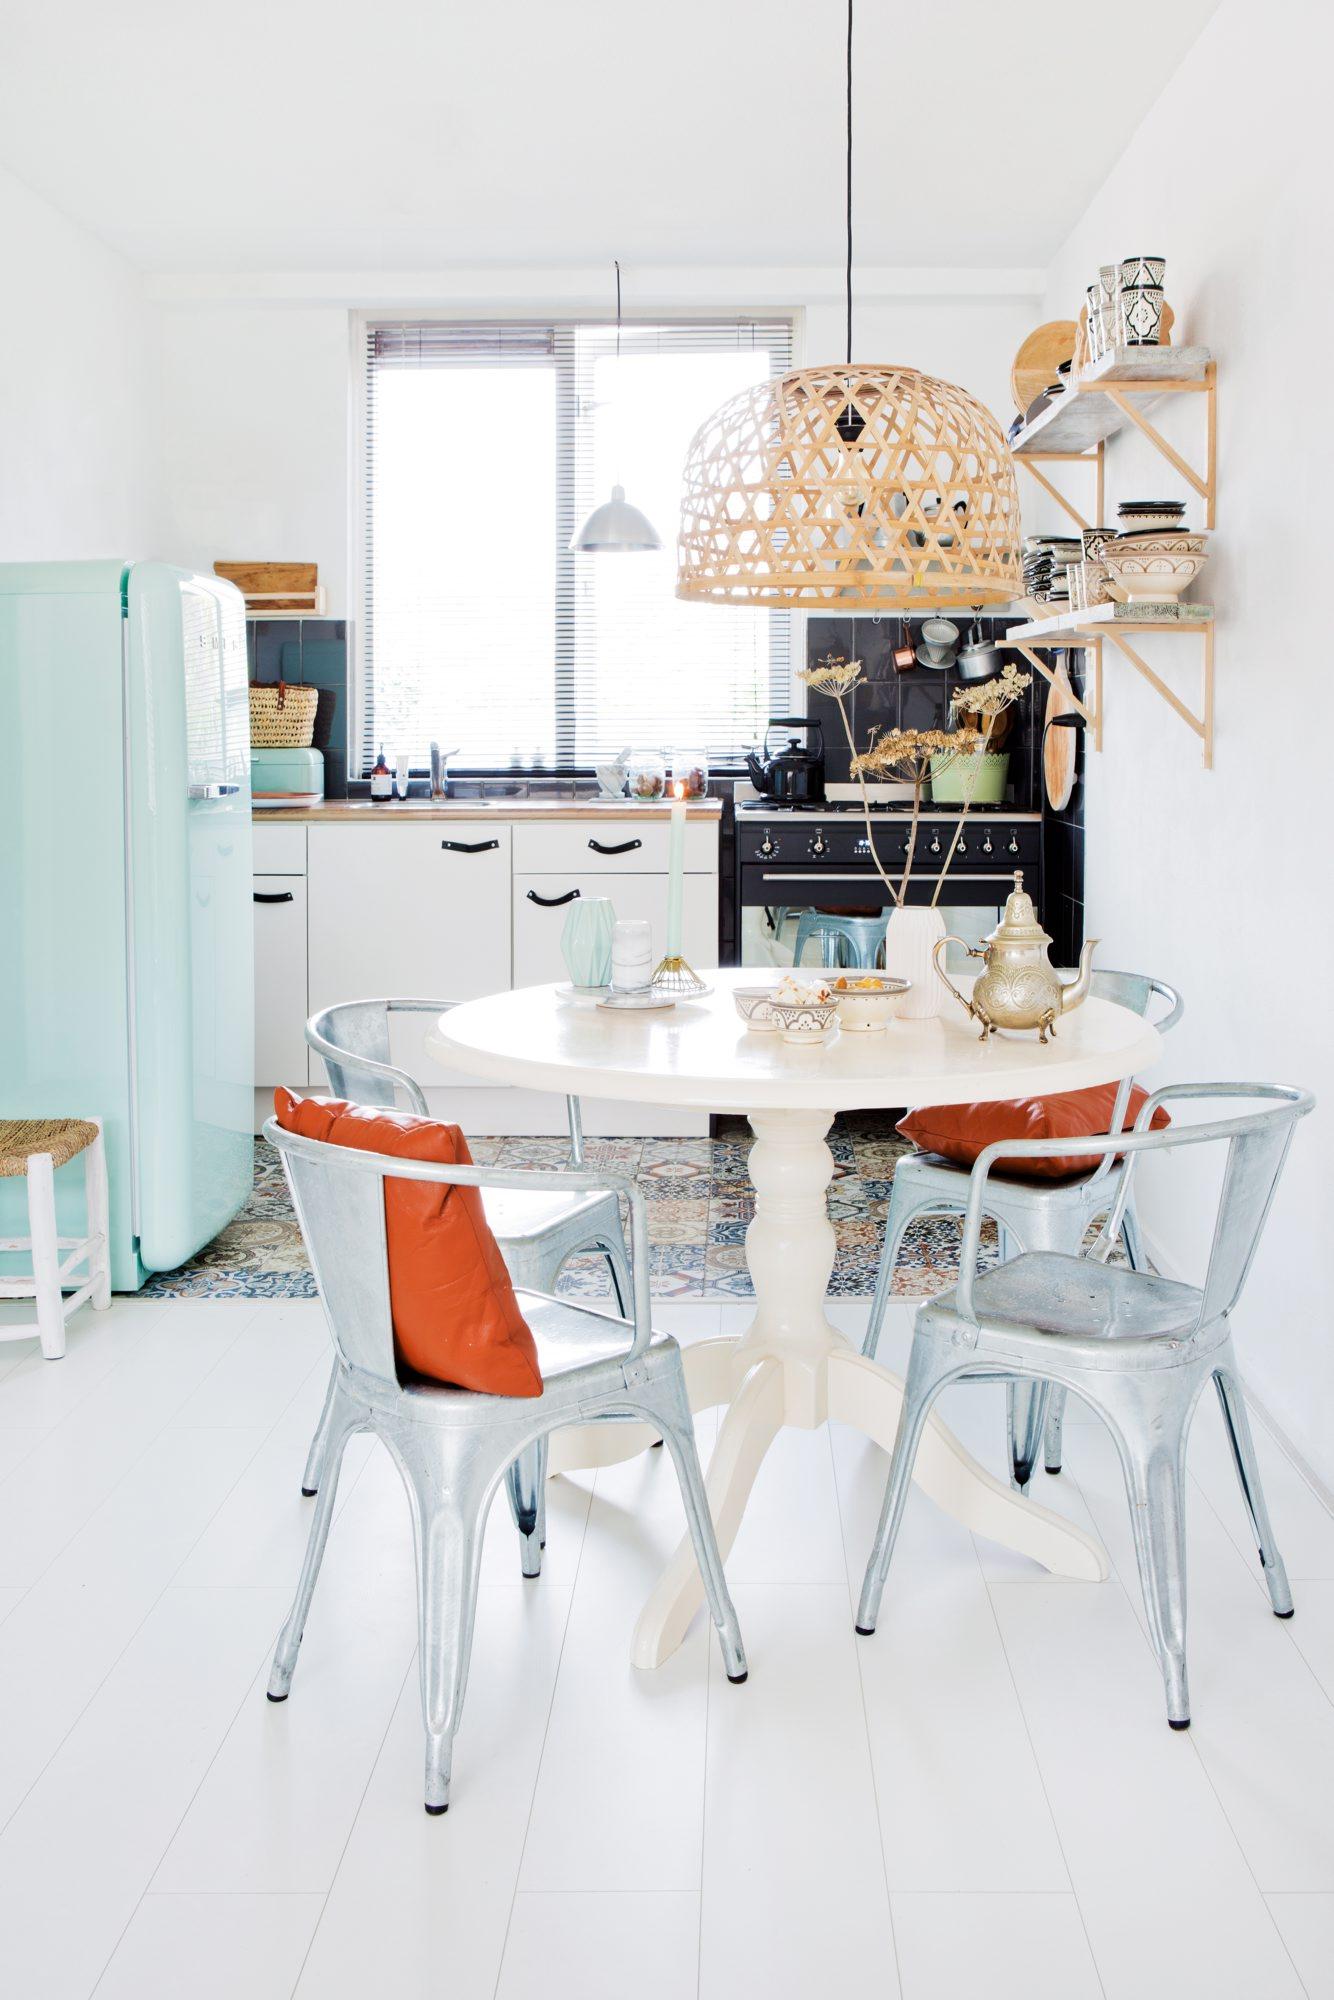 Frigo Smeg, vaisselle marocaine et chaises Tolix dans la cuisine